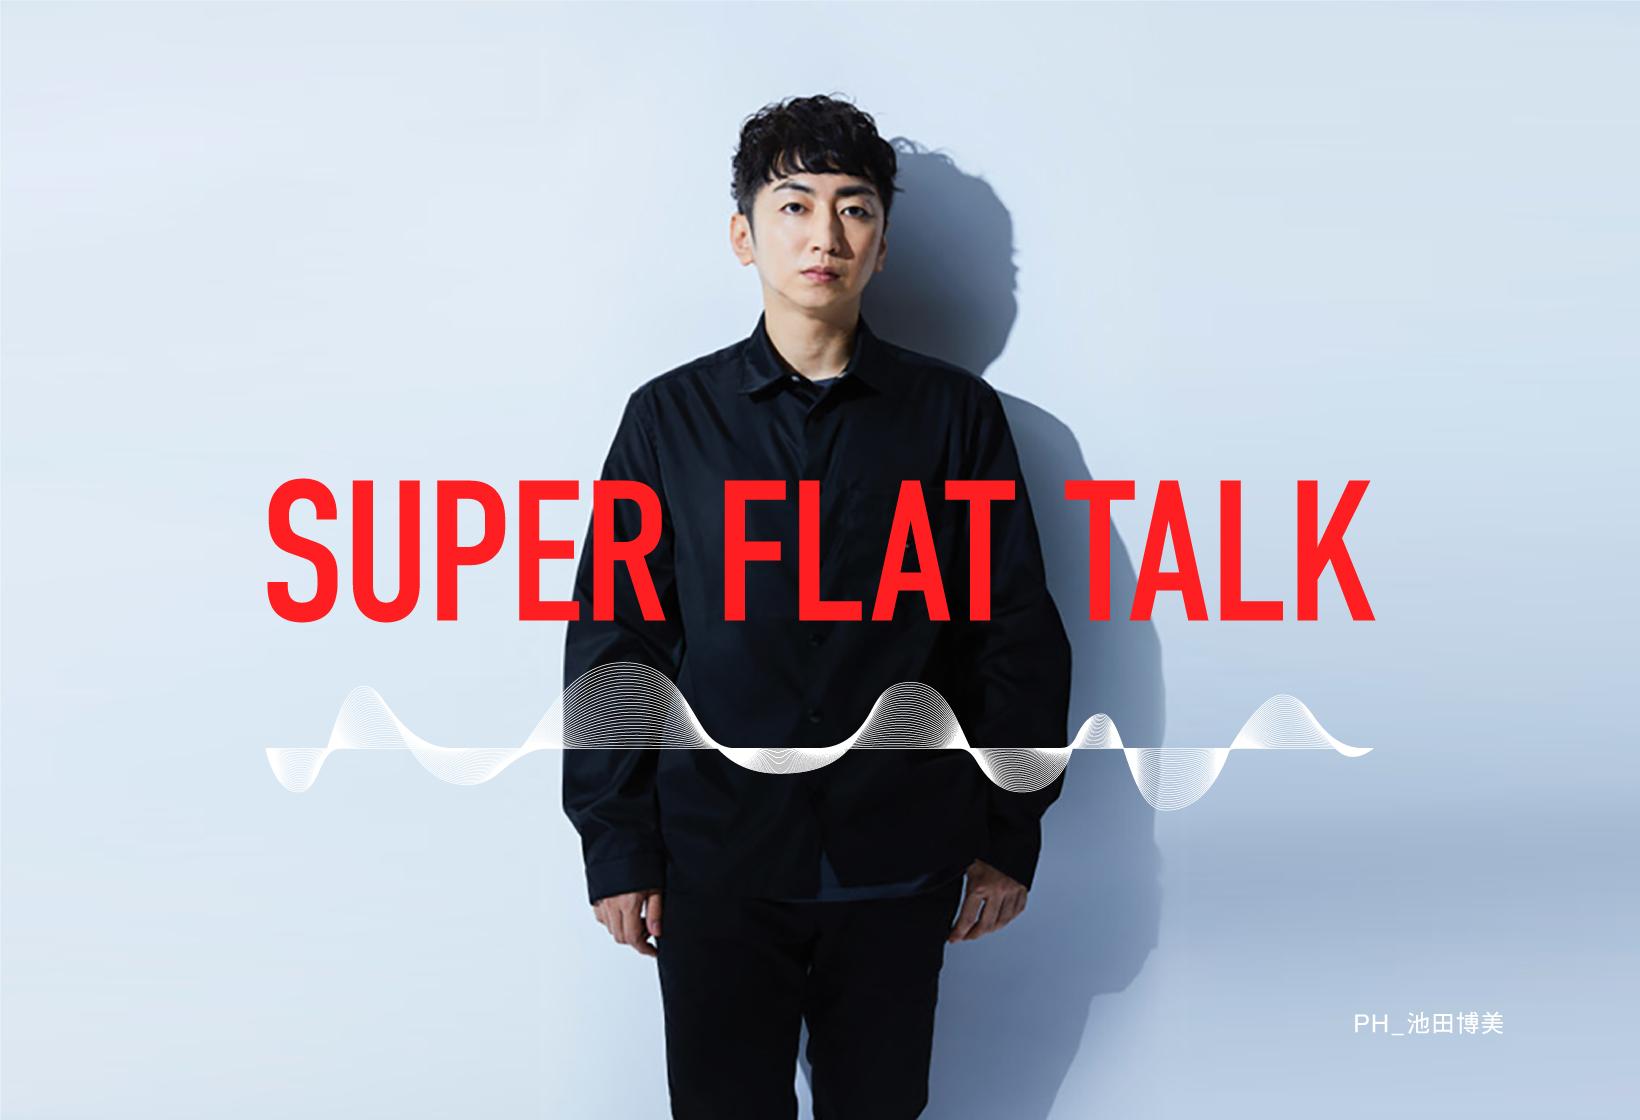 SUPER FLAT TALK